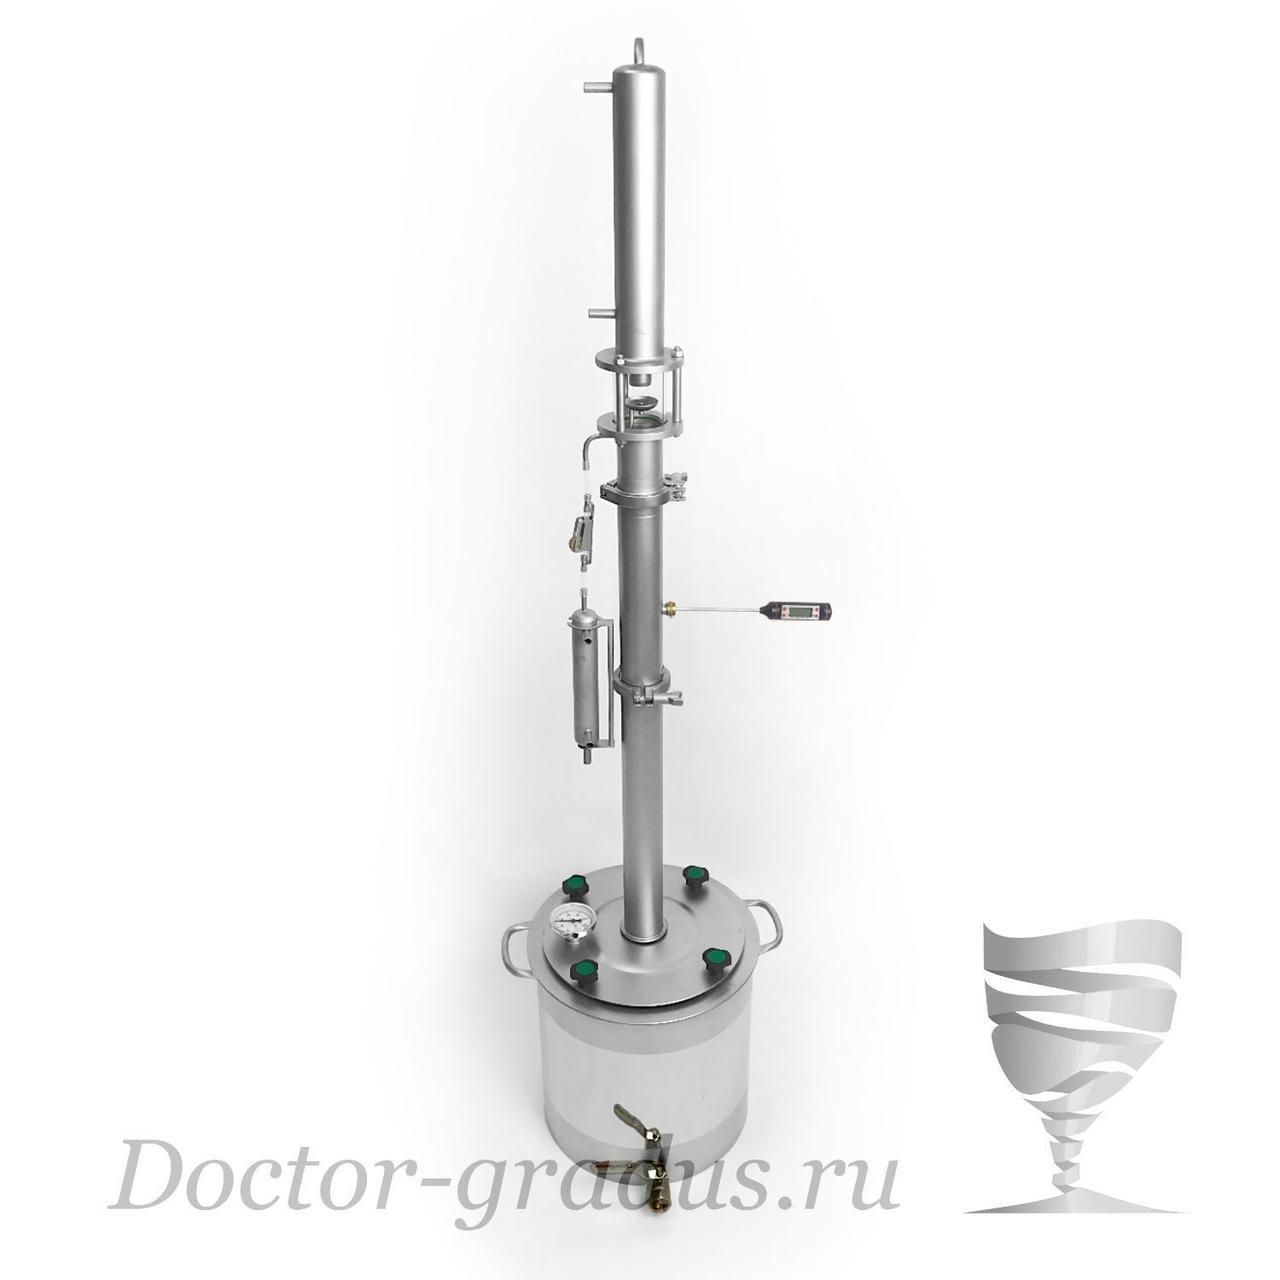 """Дистиллятор  Доктор Градус """"Стиллмен-Космо"""" с кубом 25 литров"""